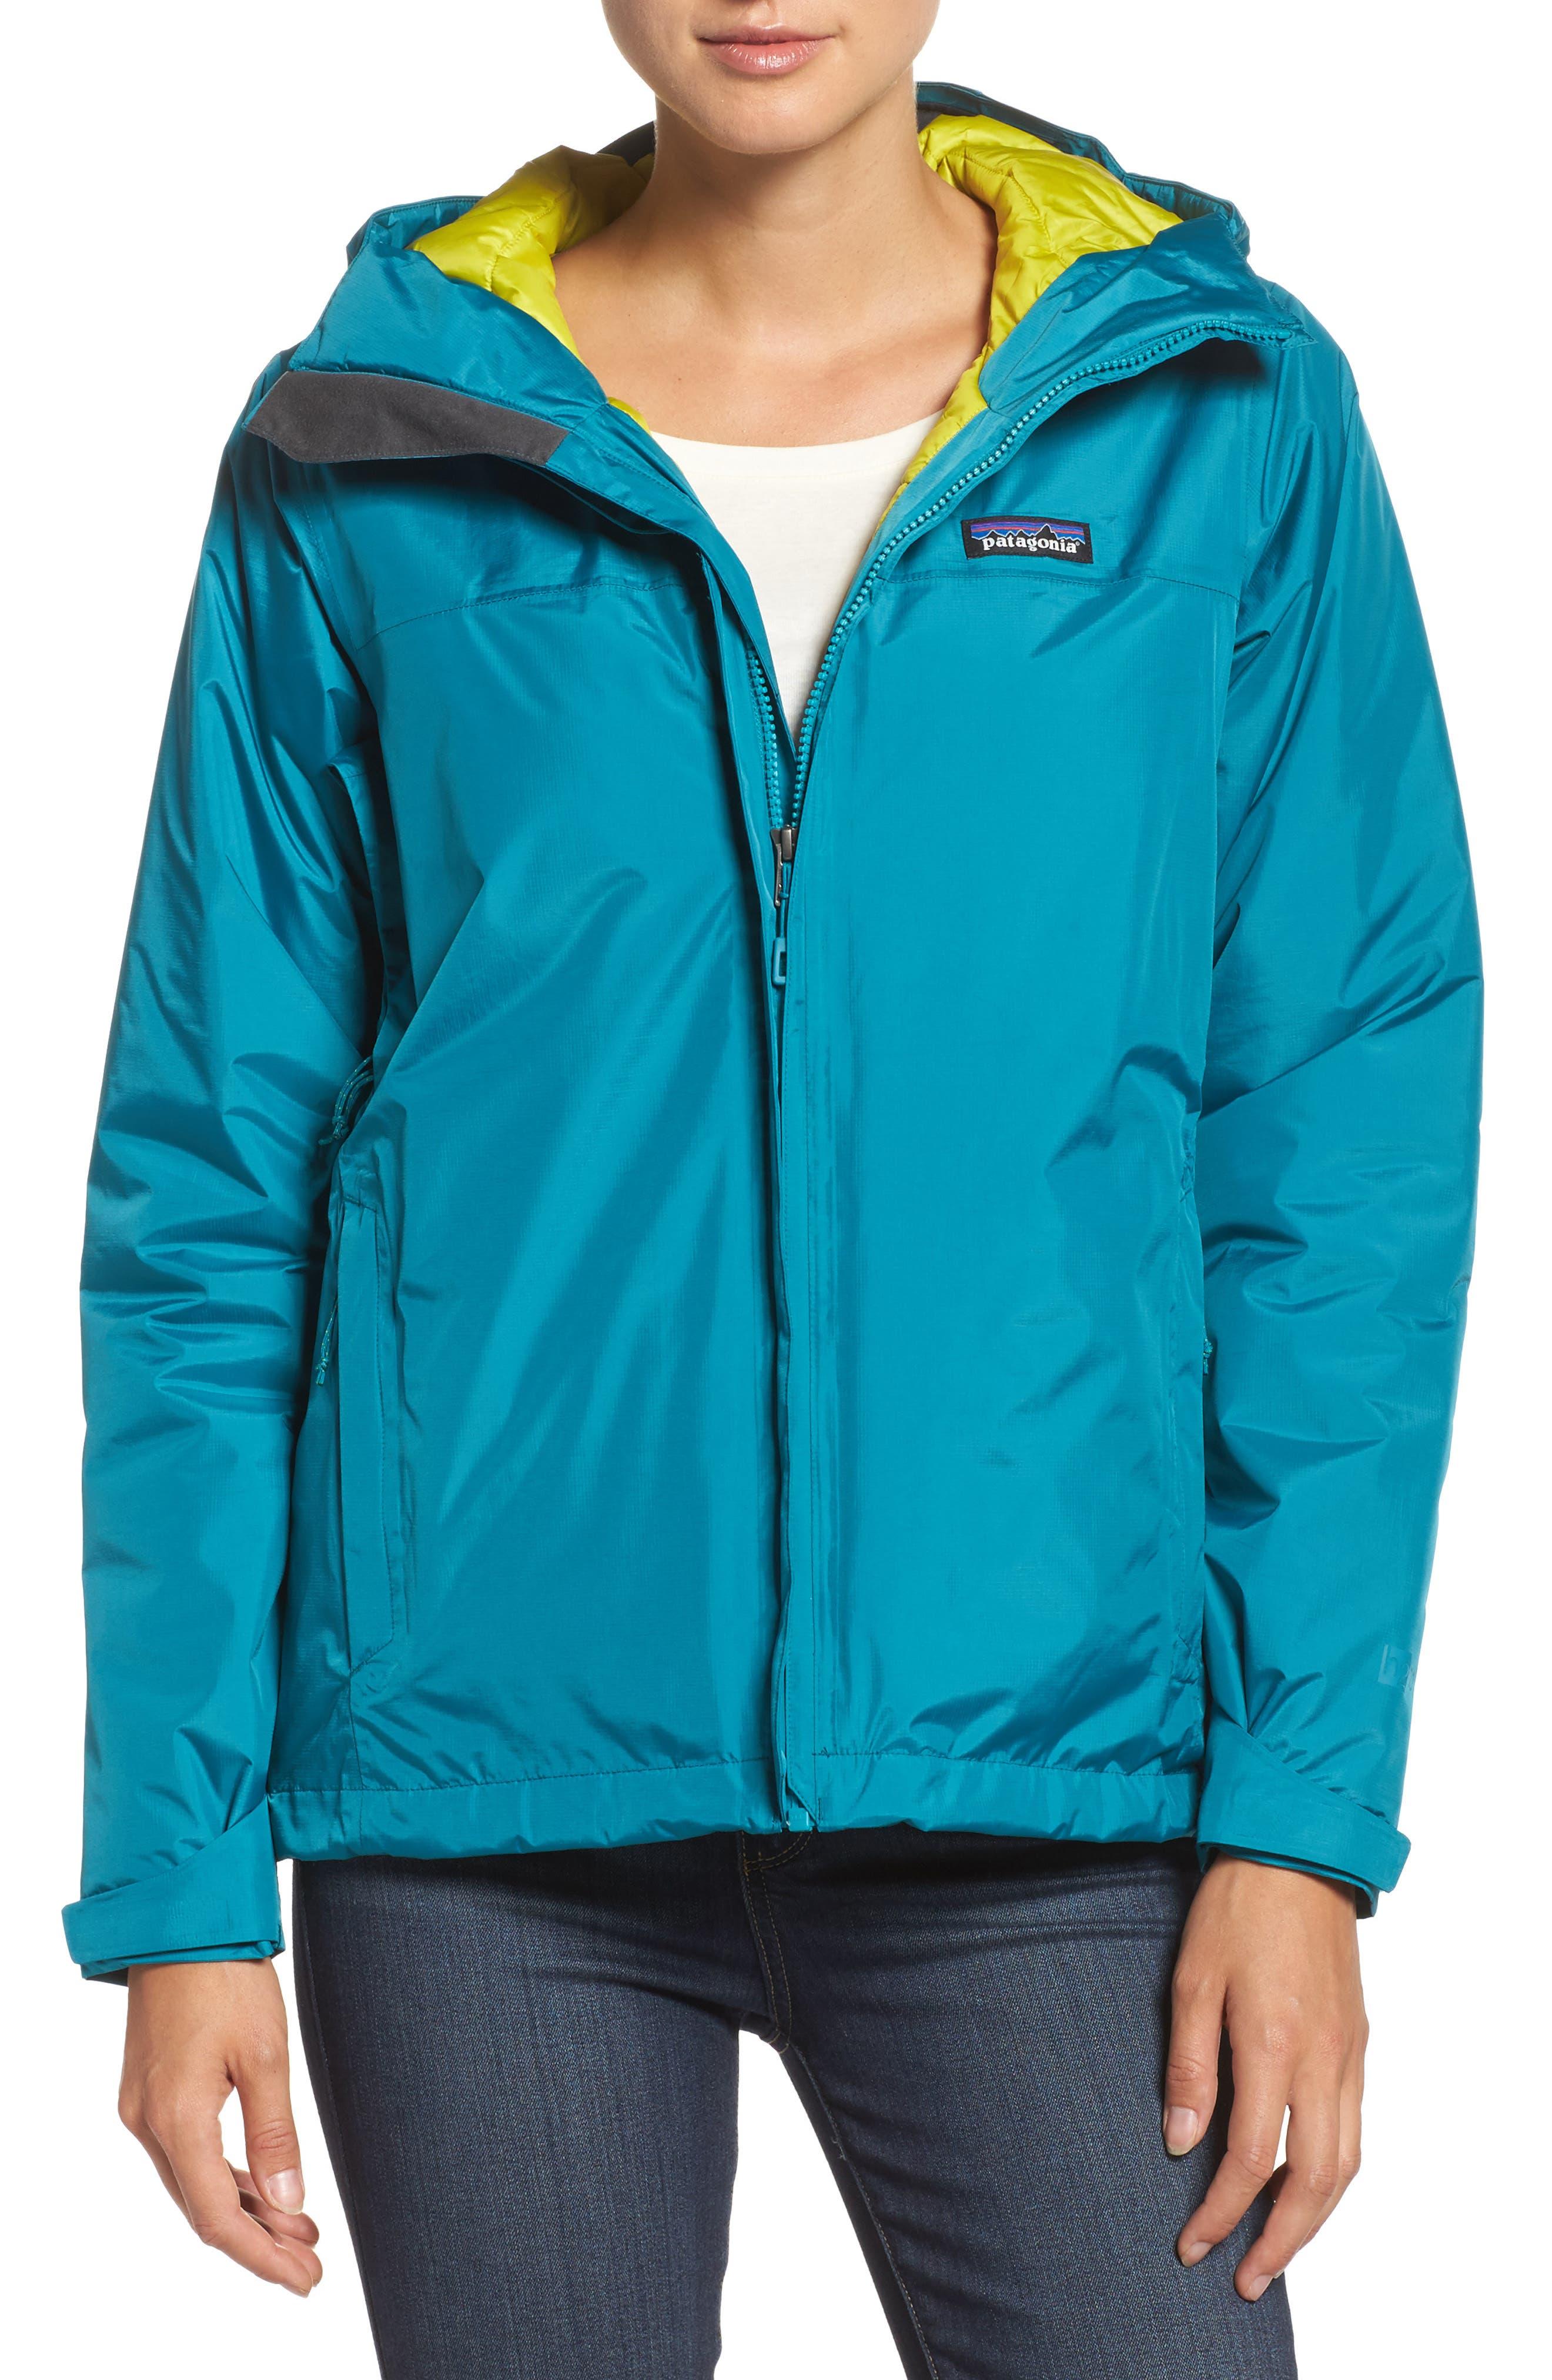 Alternate Image 1 Selected - Patagonia Torrentshell Packable Waterproof Insulated Jacket